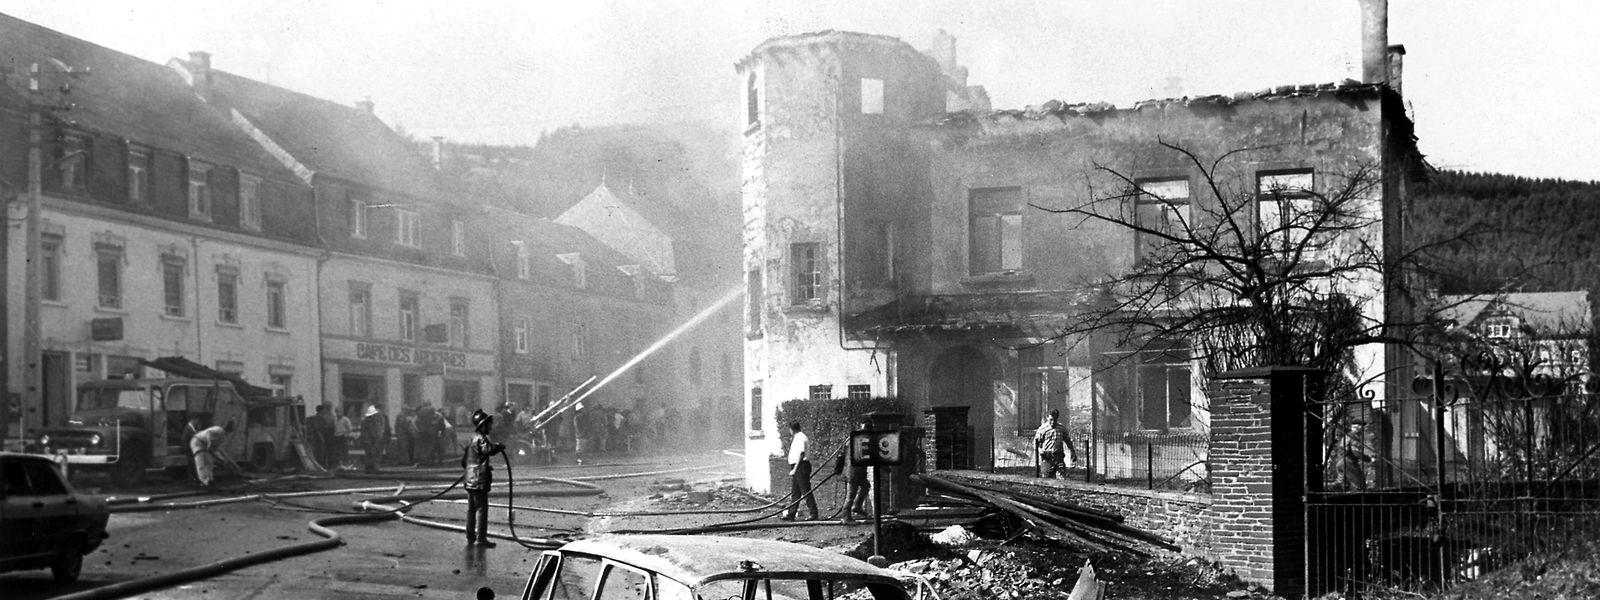 Im Ortskern von Martelingen wurden zahlreiche Häuser schwer beschädigt.